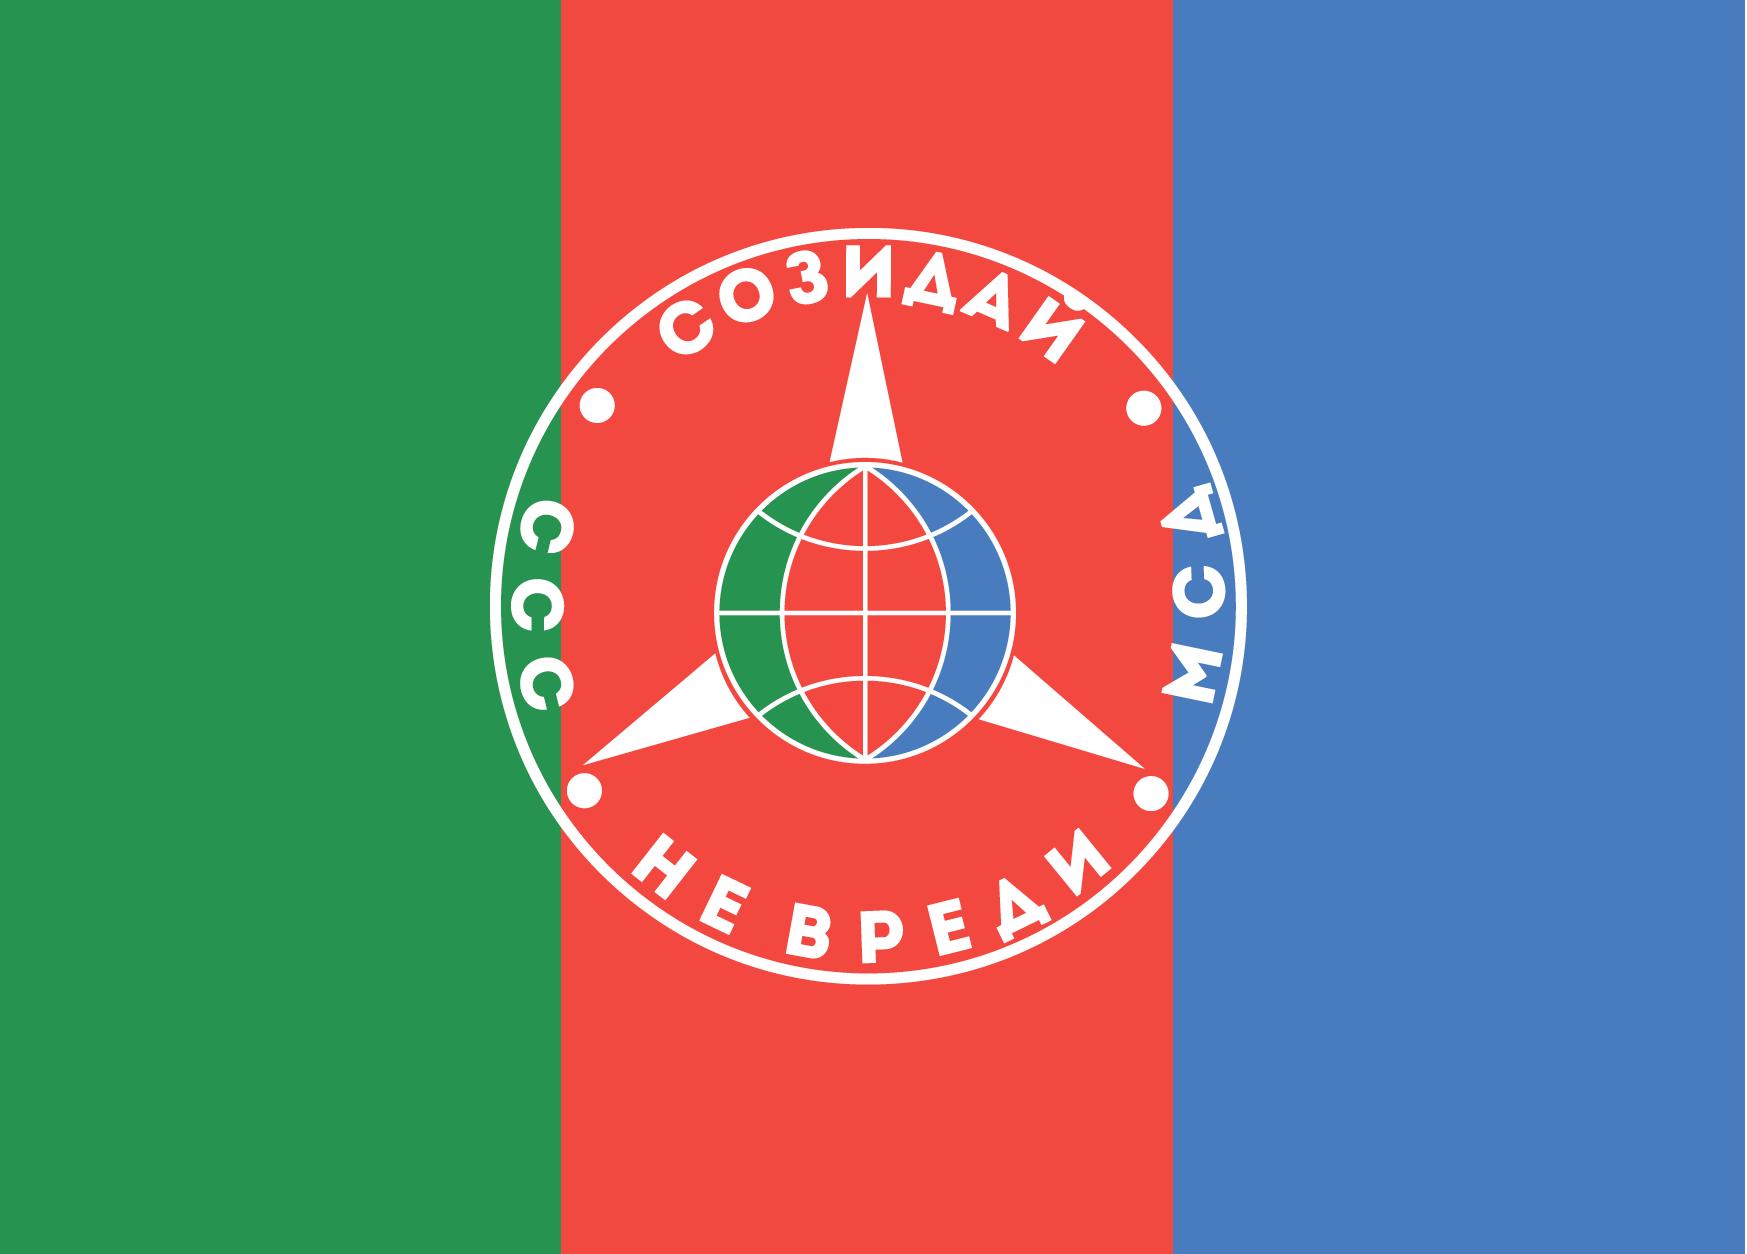 символика единой россии